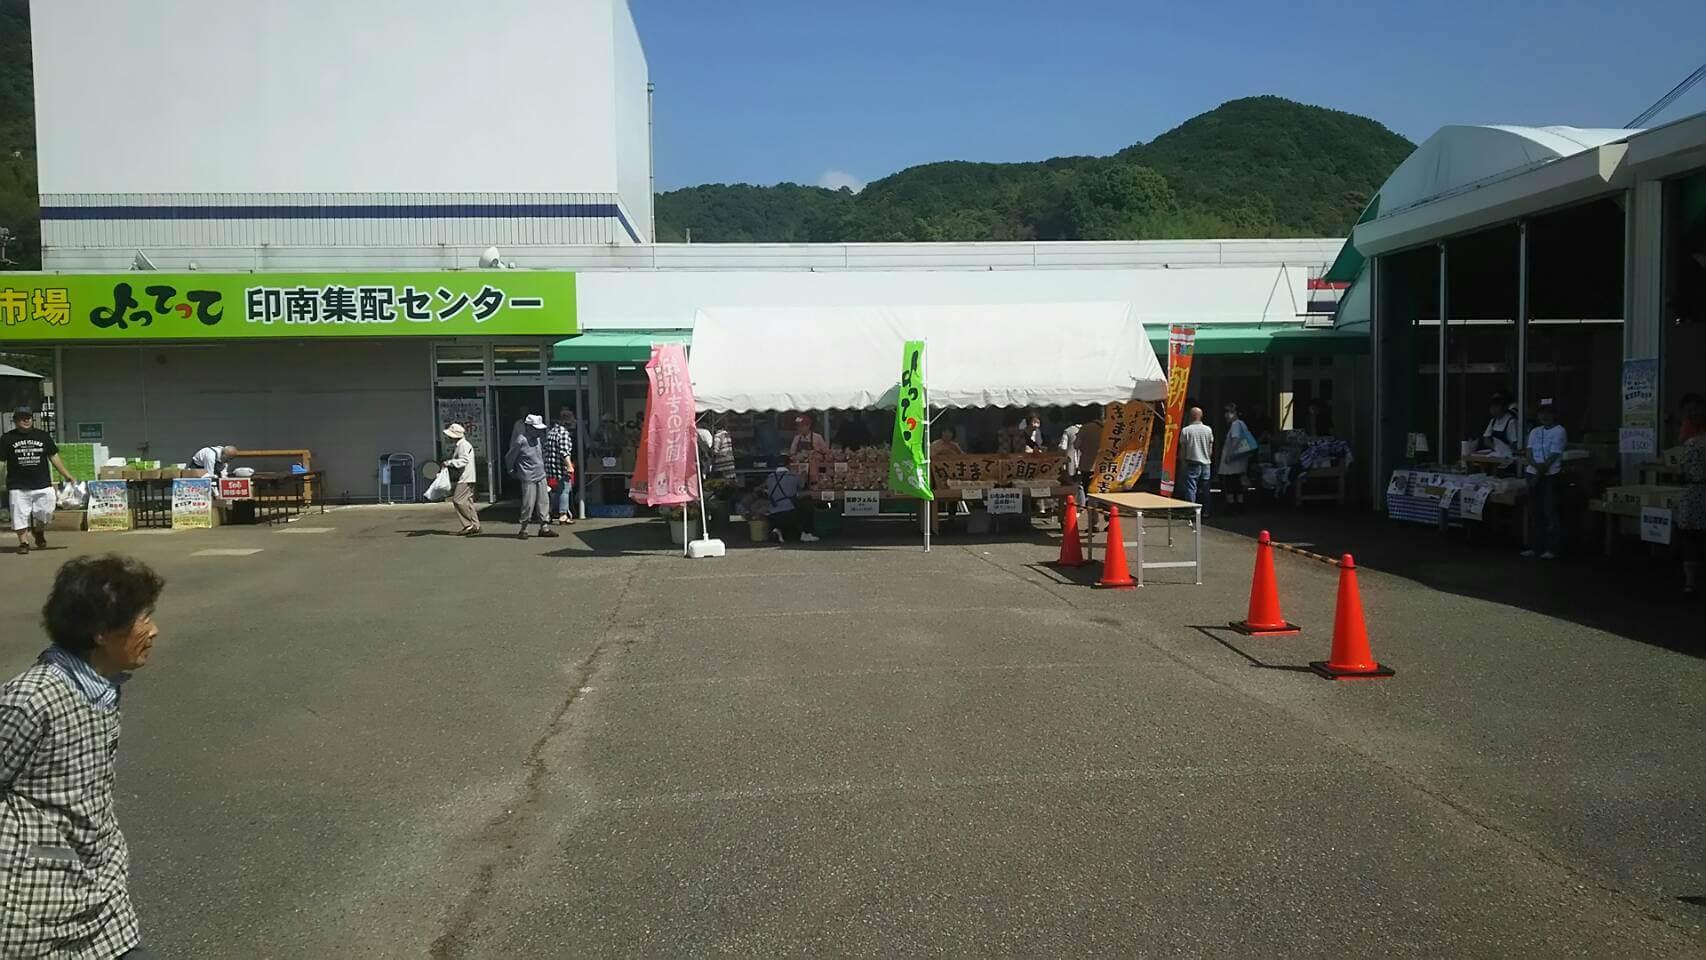 和歌山県印南町、「産直市場よってって」